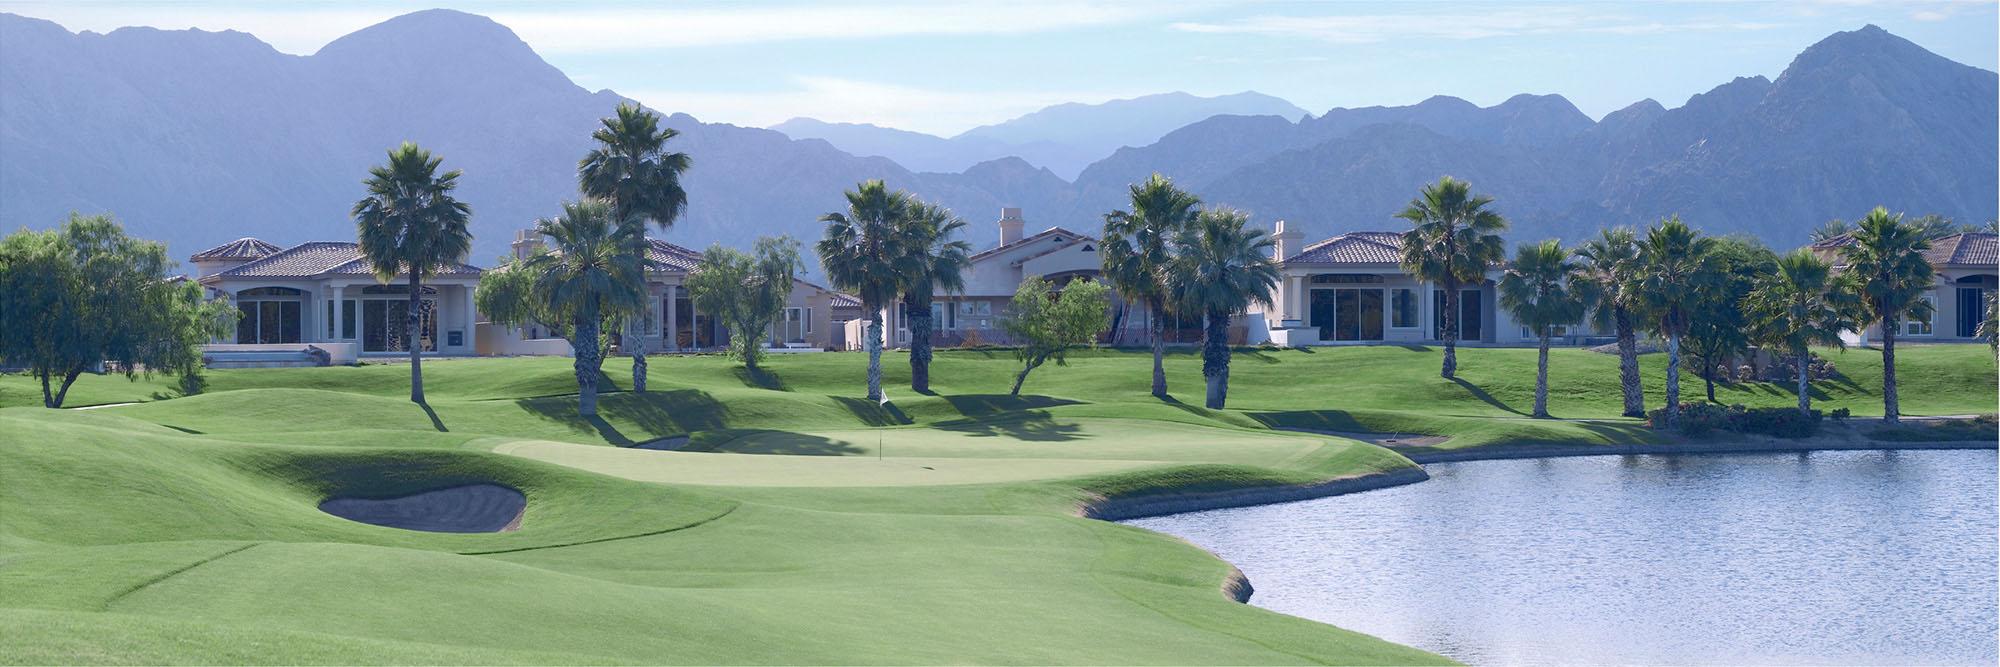 Golf Course Image - Rancho La Quinta Pate No. 16